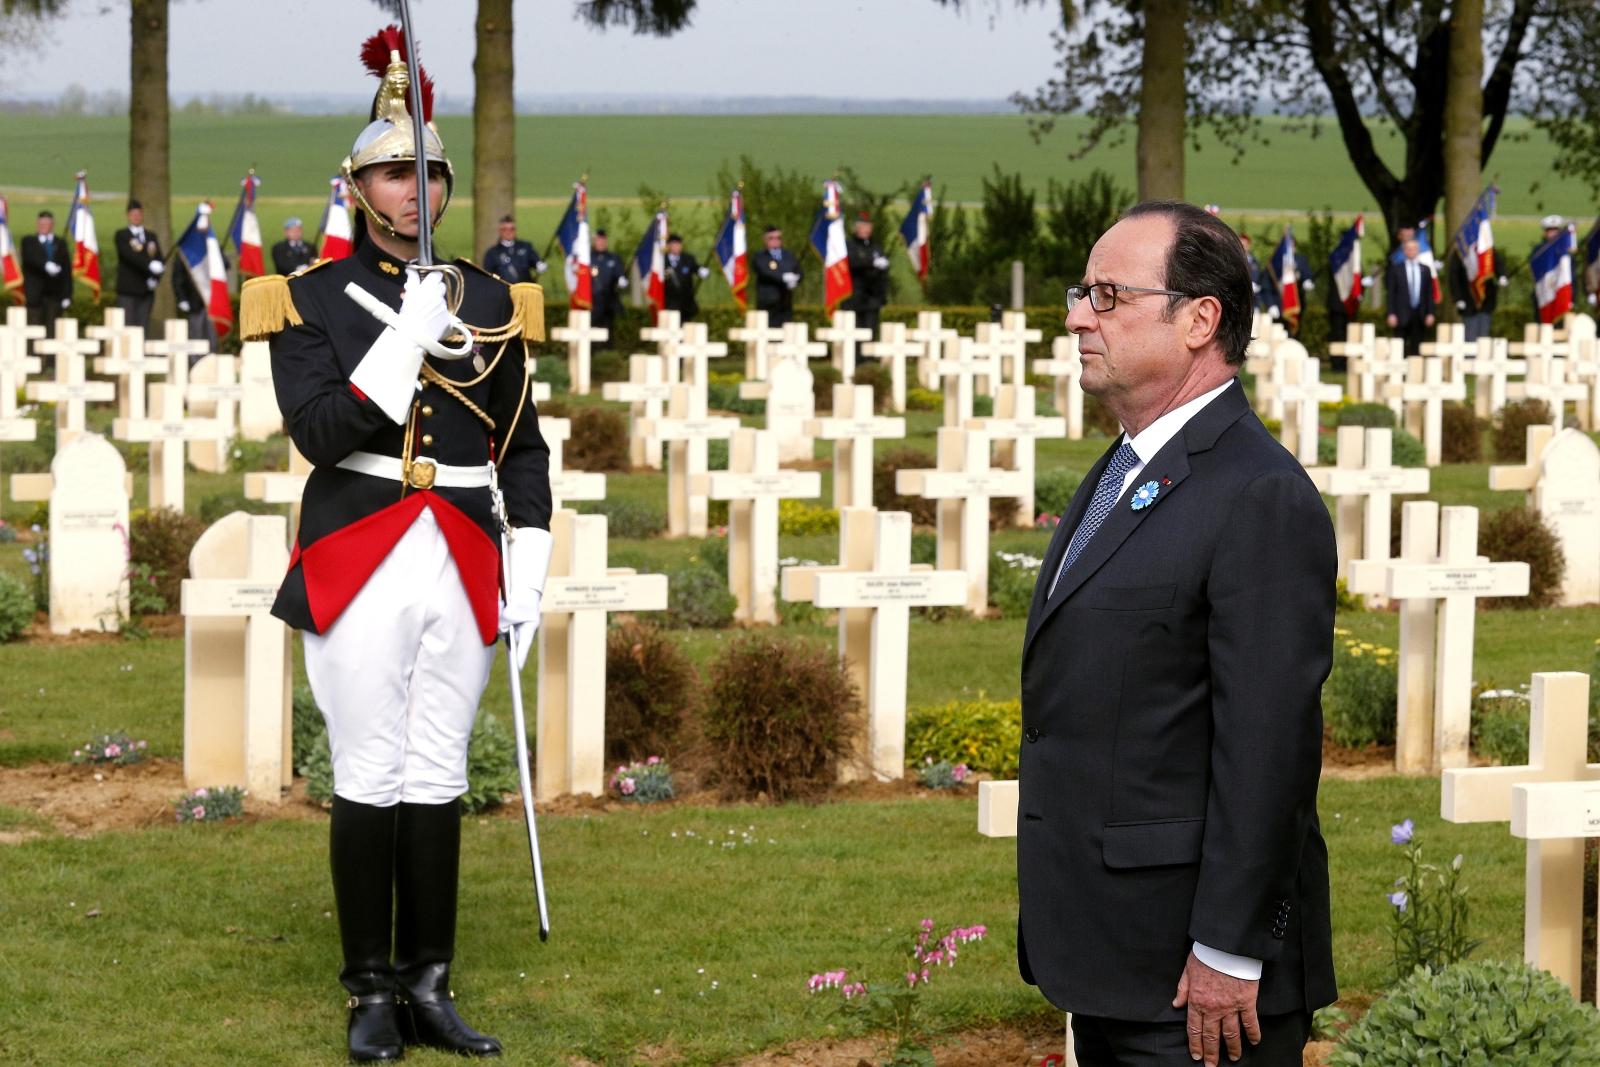 Francuski prezydent Francois Hollande uczestniczy w ceremonii upamiętnienia ofiar Bitwy pod Aisne w 100 rocznicę jej wybuchu. W Bitwie zginęło ponad 300 tys. ludzi.